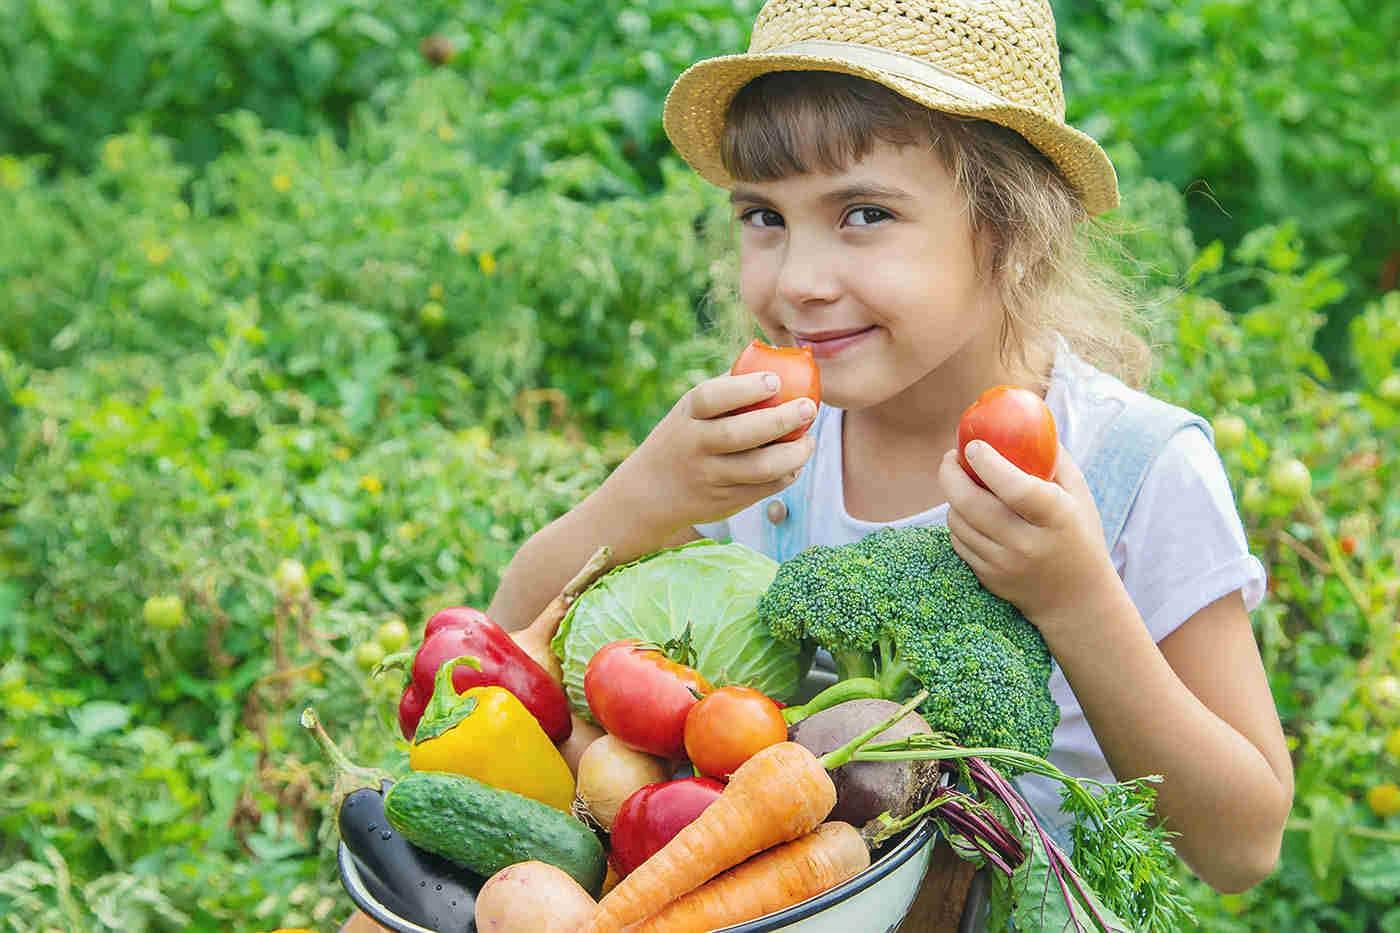 Produsele alimentare ecologice influențează funcția cognitivă a copiilor (studiu)